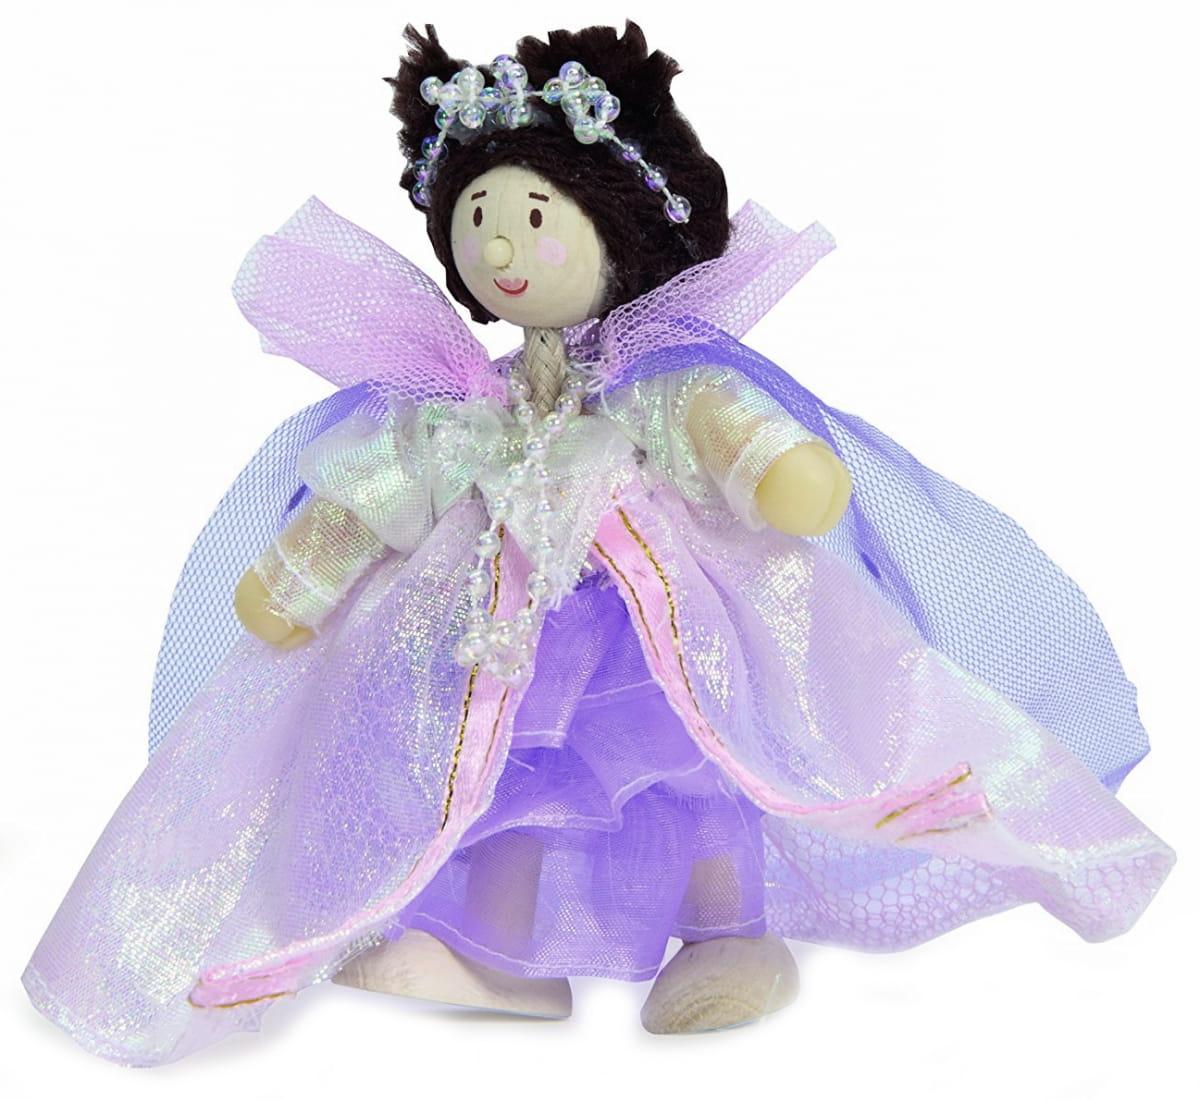 Кукла Le Toy Van Королева Элис